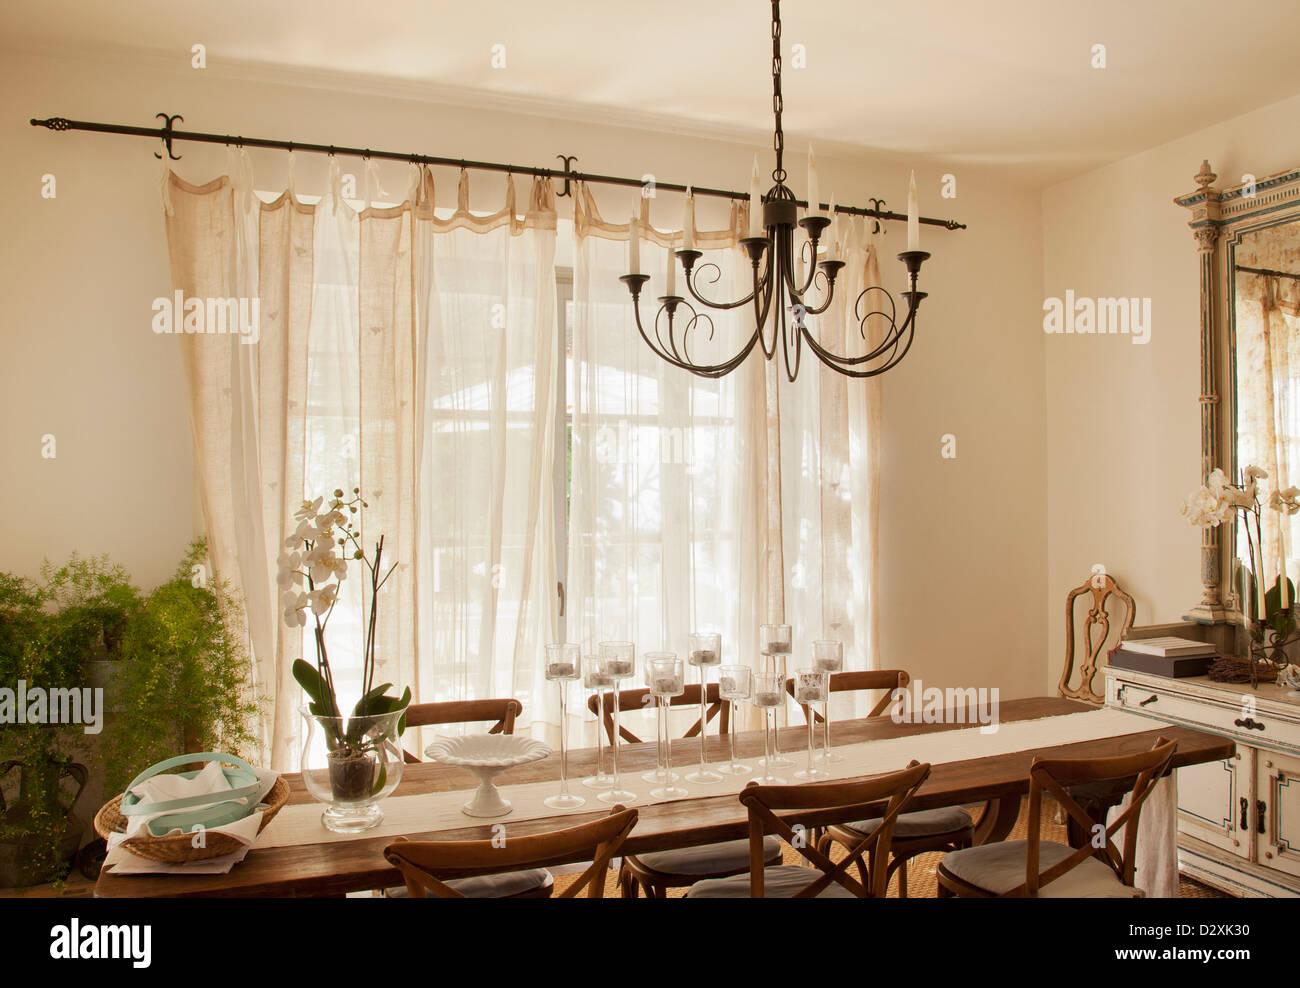 $554.77 per lampadario di cristallo lampada da soffitto a sospensione tavolo da pranzo lampada da pranzo rettangolare lampada da sala da pranzo di personaggio lampadario moderno 8582218 del 2021. Lampadario Su Tavolo Da Pranzo Foto Stock Alamy